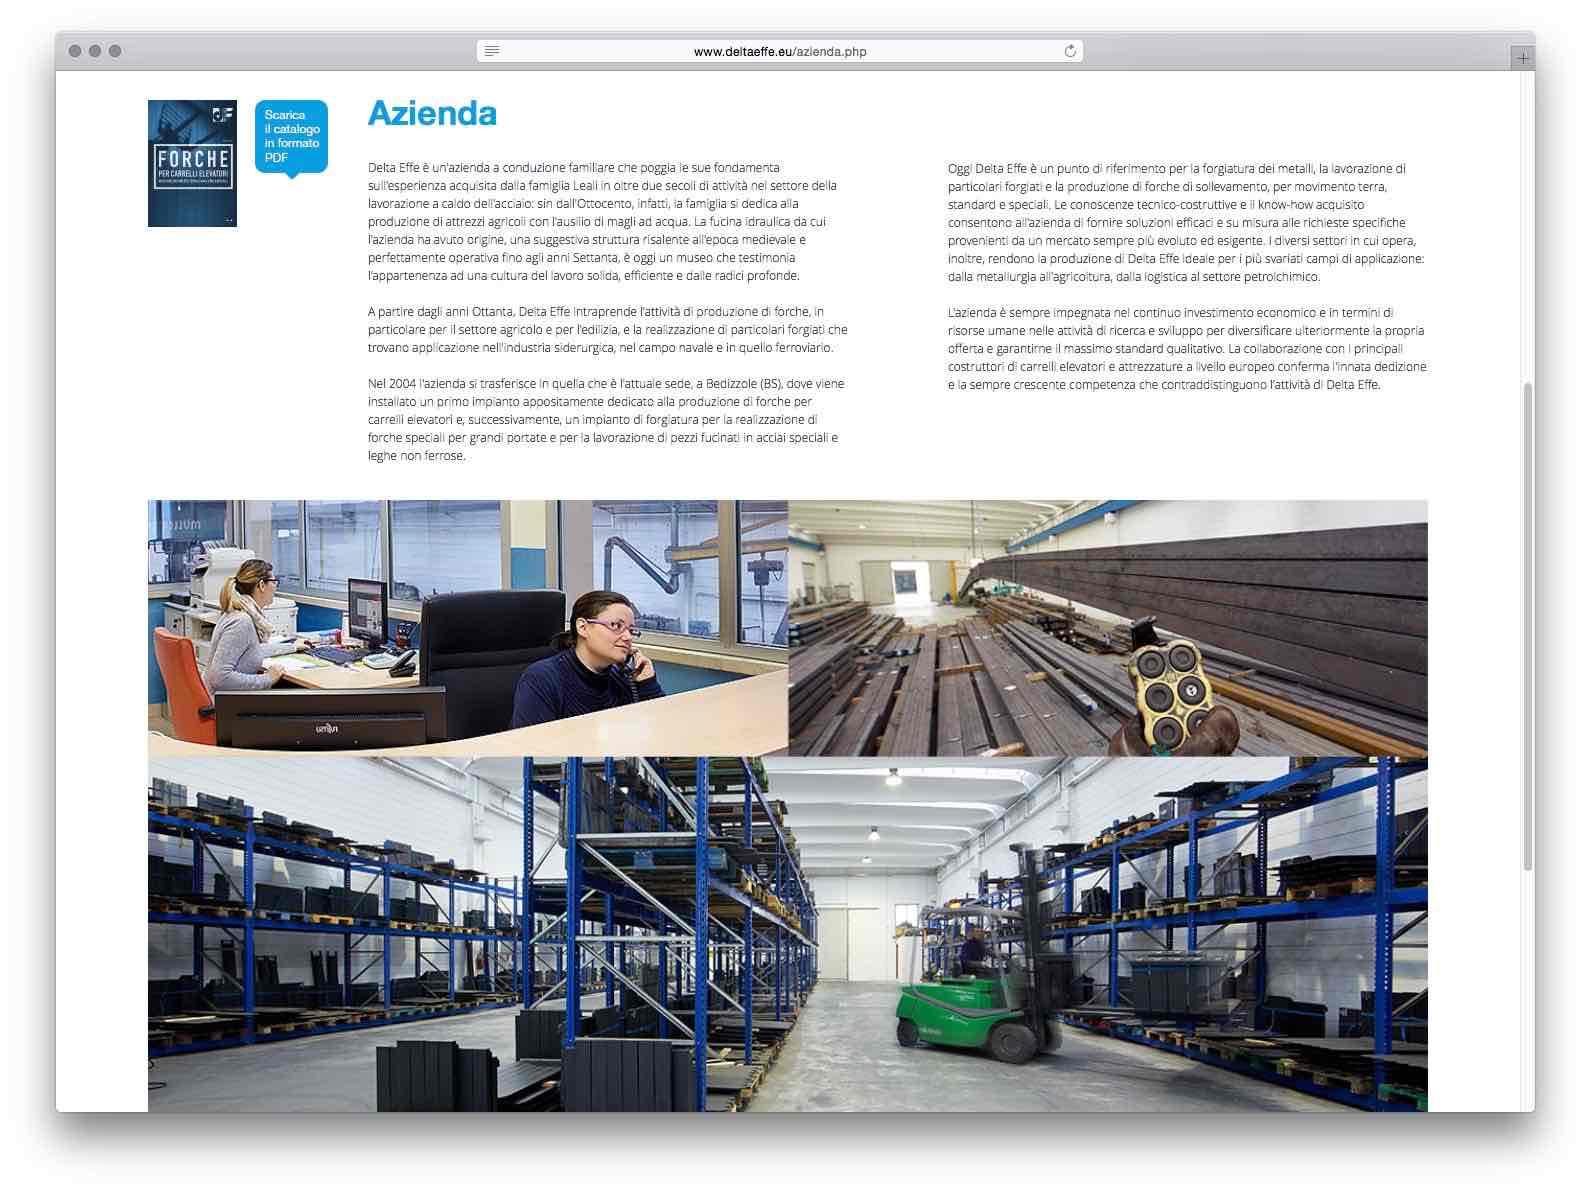 Creazione Siti Web Brescia - Sito Web Delta Effe